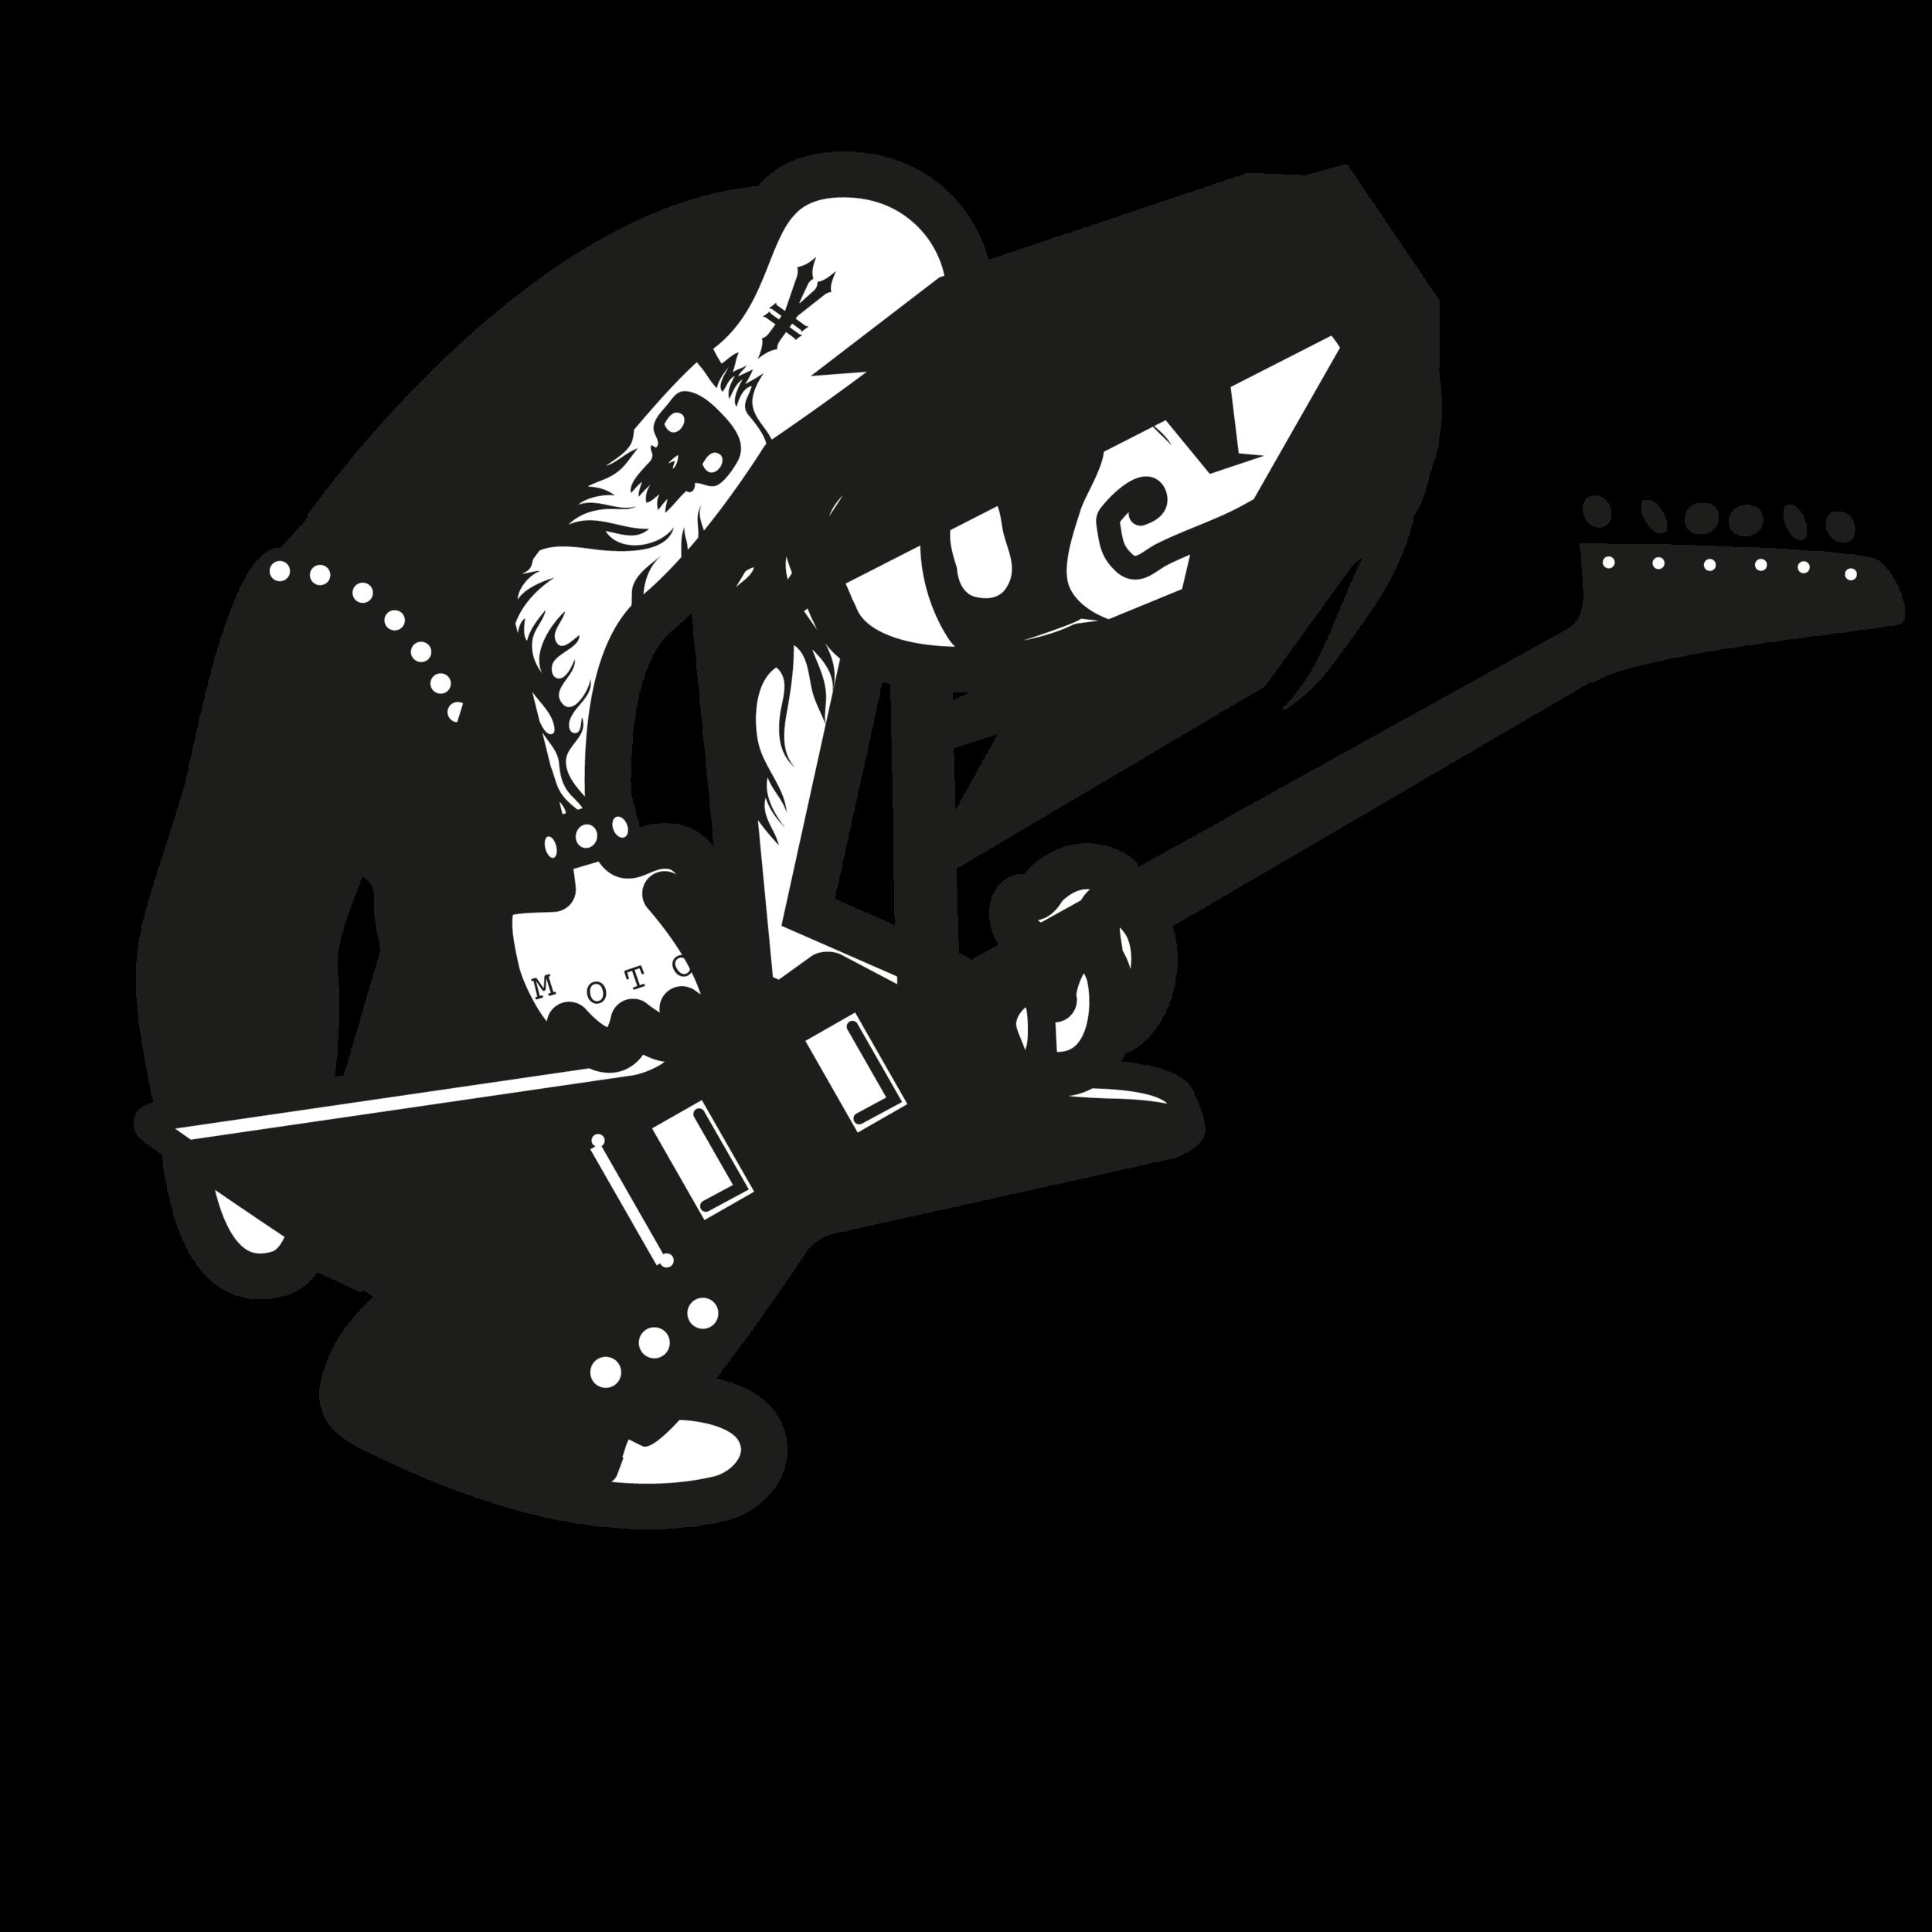 Urs P. - Der Gitarrenunterricht bei Pady ist für mich immer wieder inspirierend und herausfordernd. Pady versteht es, durch seine angenehme Umgangsart und dank seinem fundierten Background in der Musik und an der Gitarre, sein Wissen auf eine sehr motivierende Art weiter zu geben.